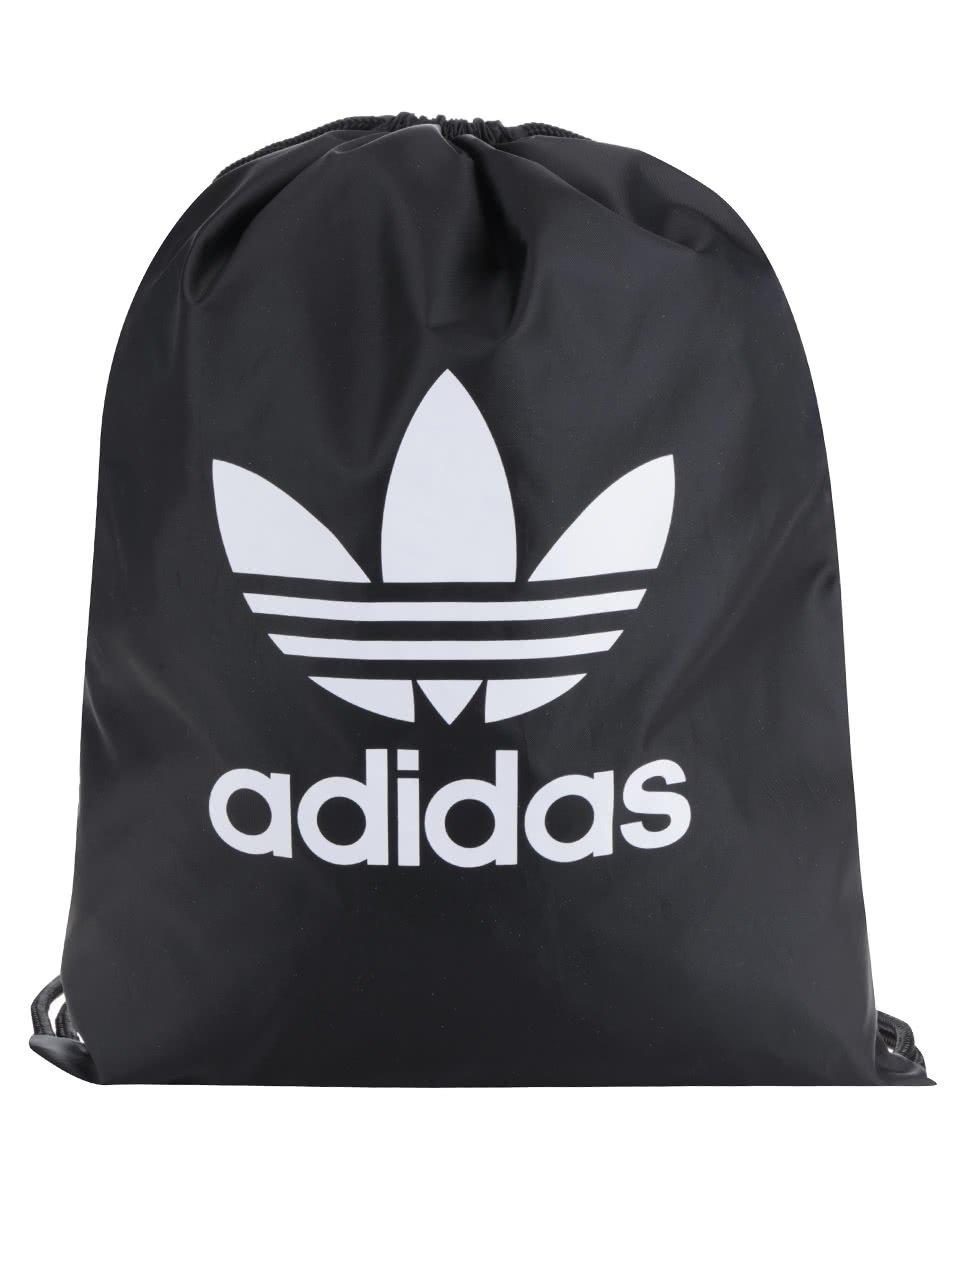 Černý unisex vak s logem adidas Originals Trefoil